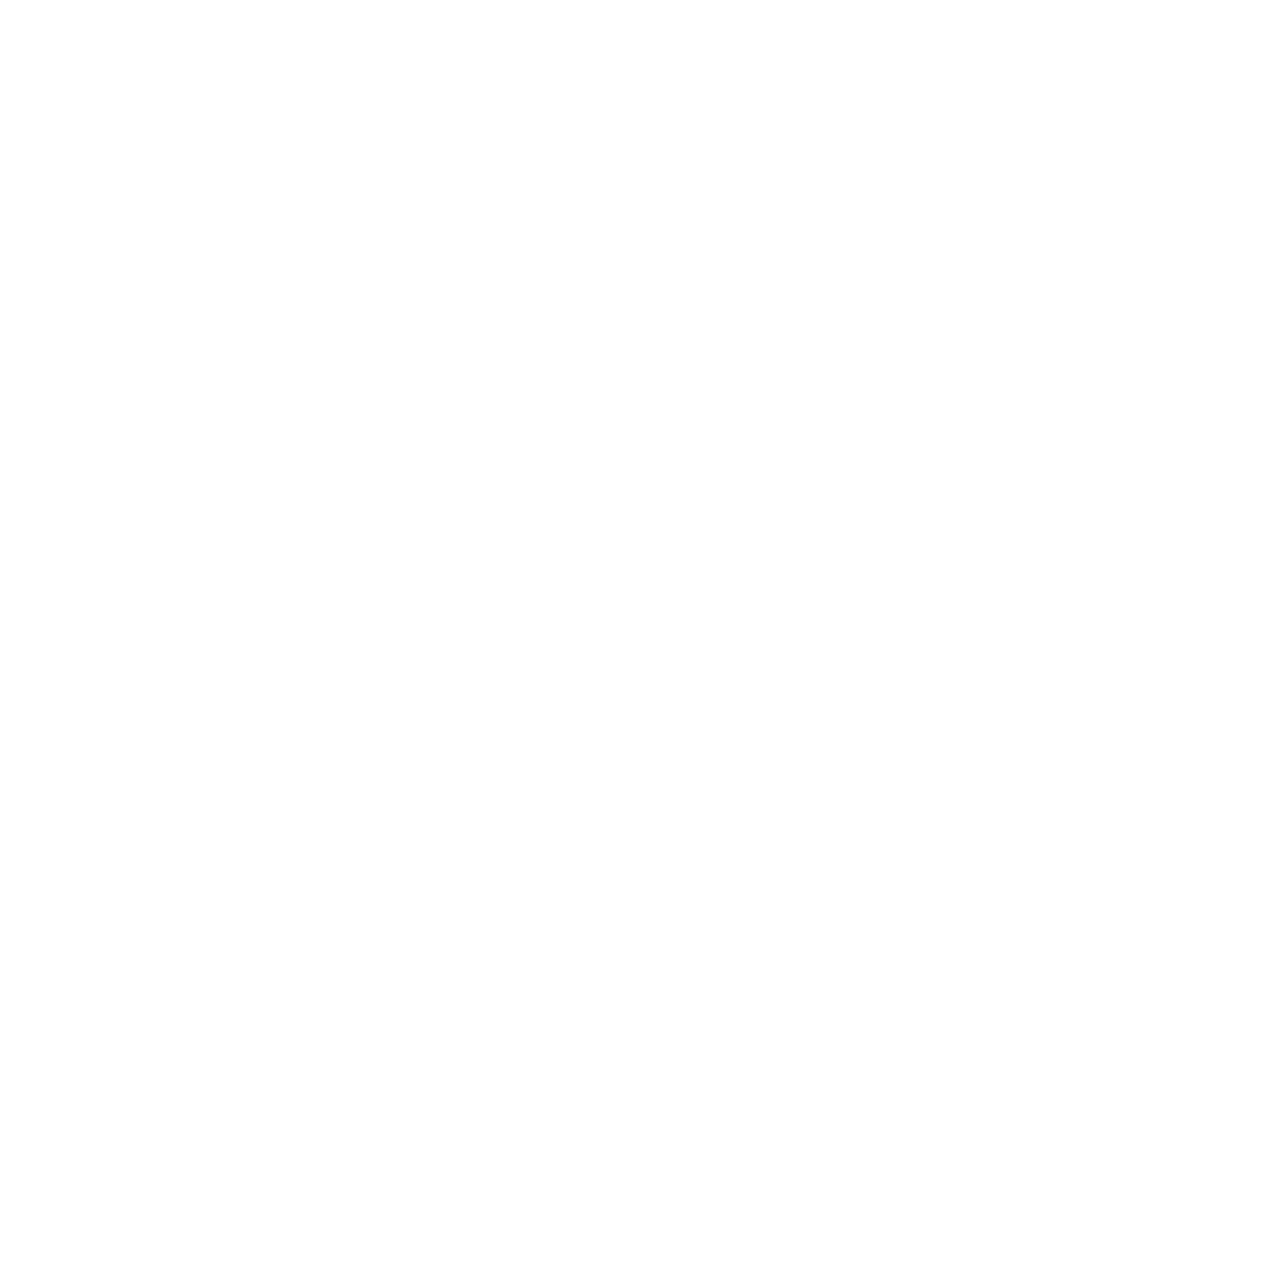 Kubo-white